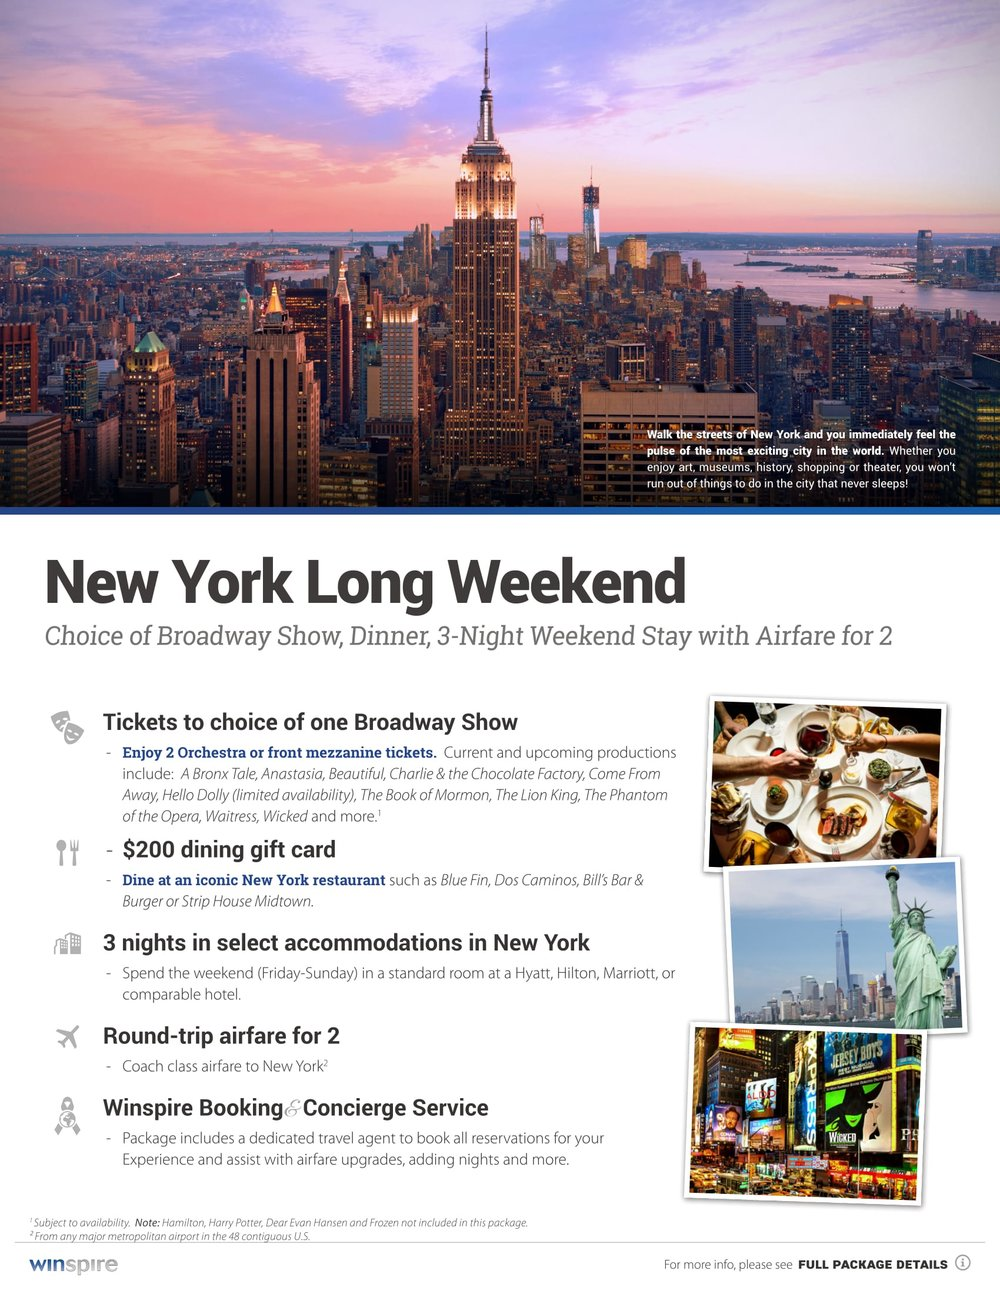 DISPLAY-5071-2 New York Long Weekend-20171208-1.jpg